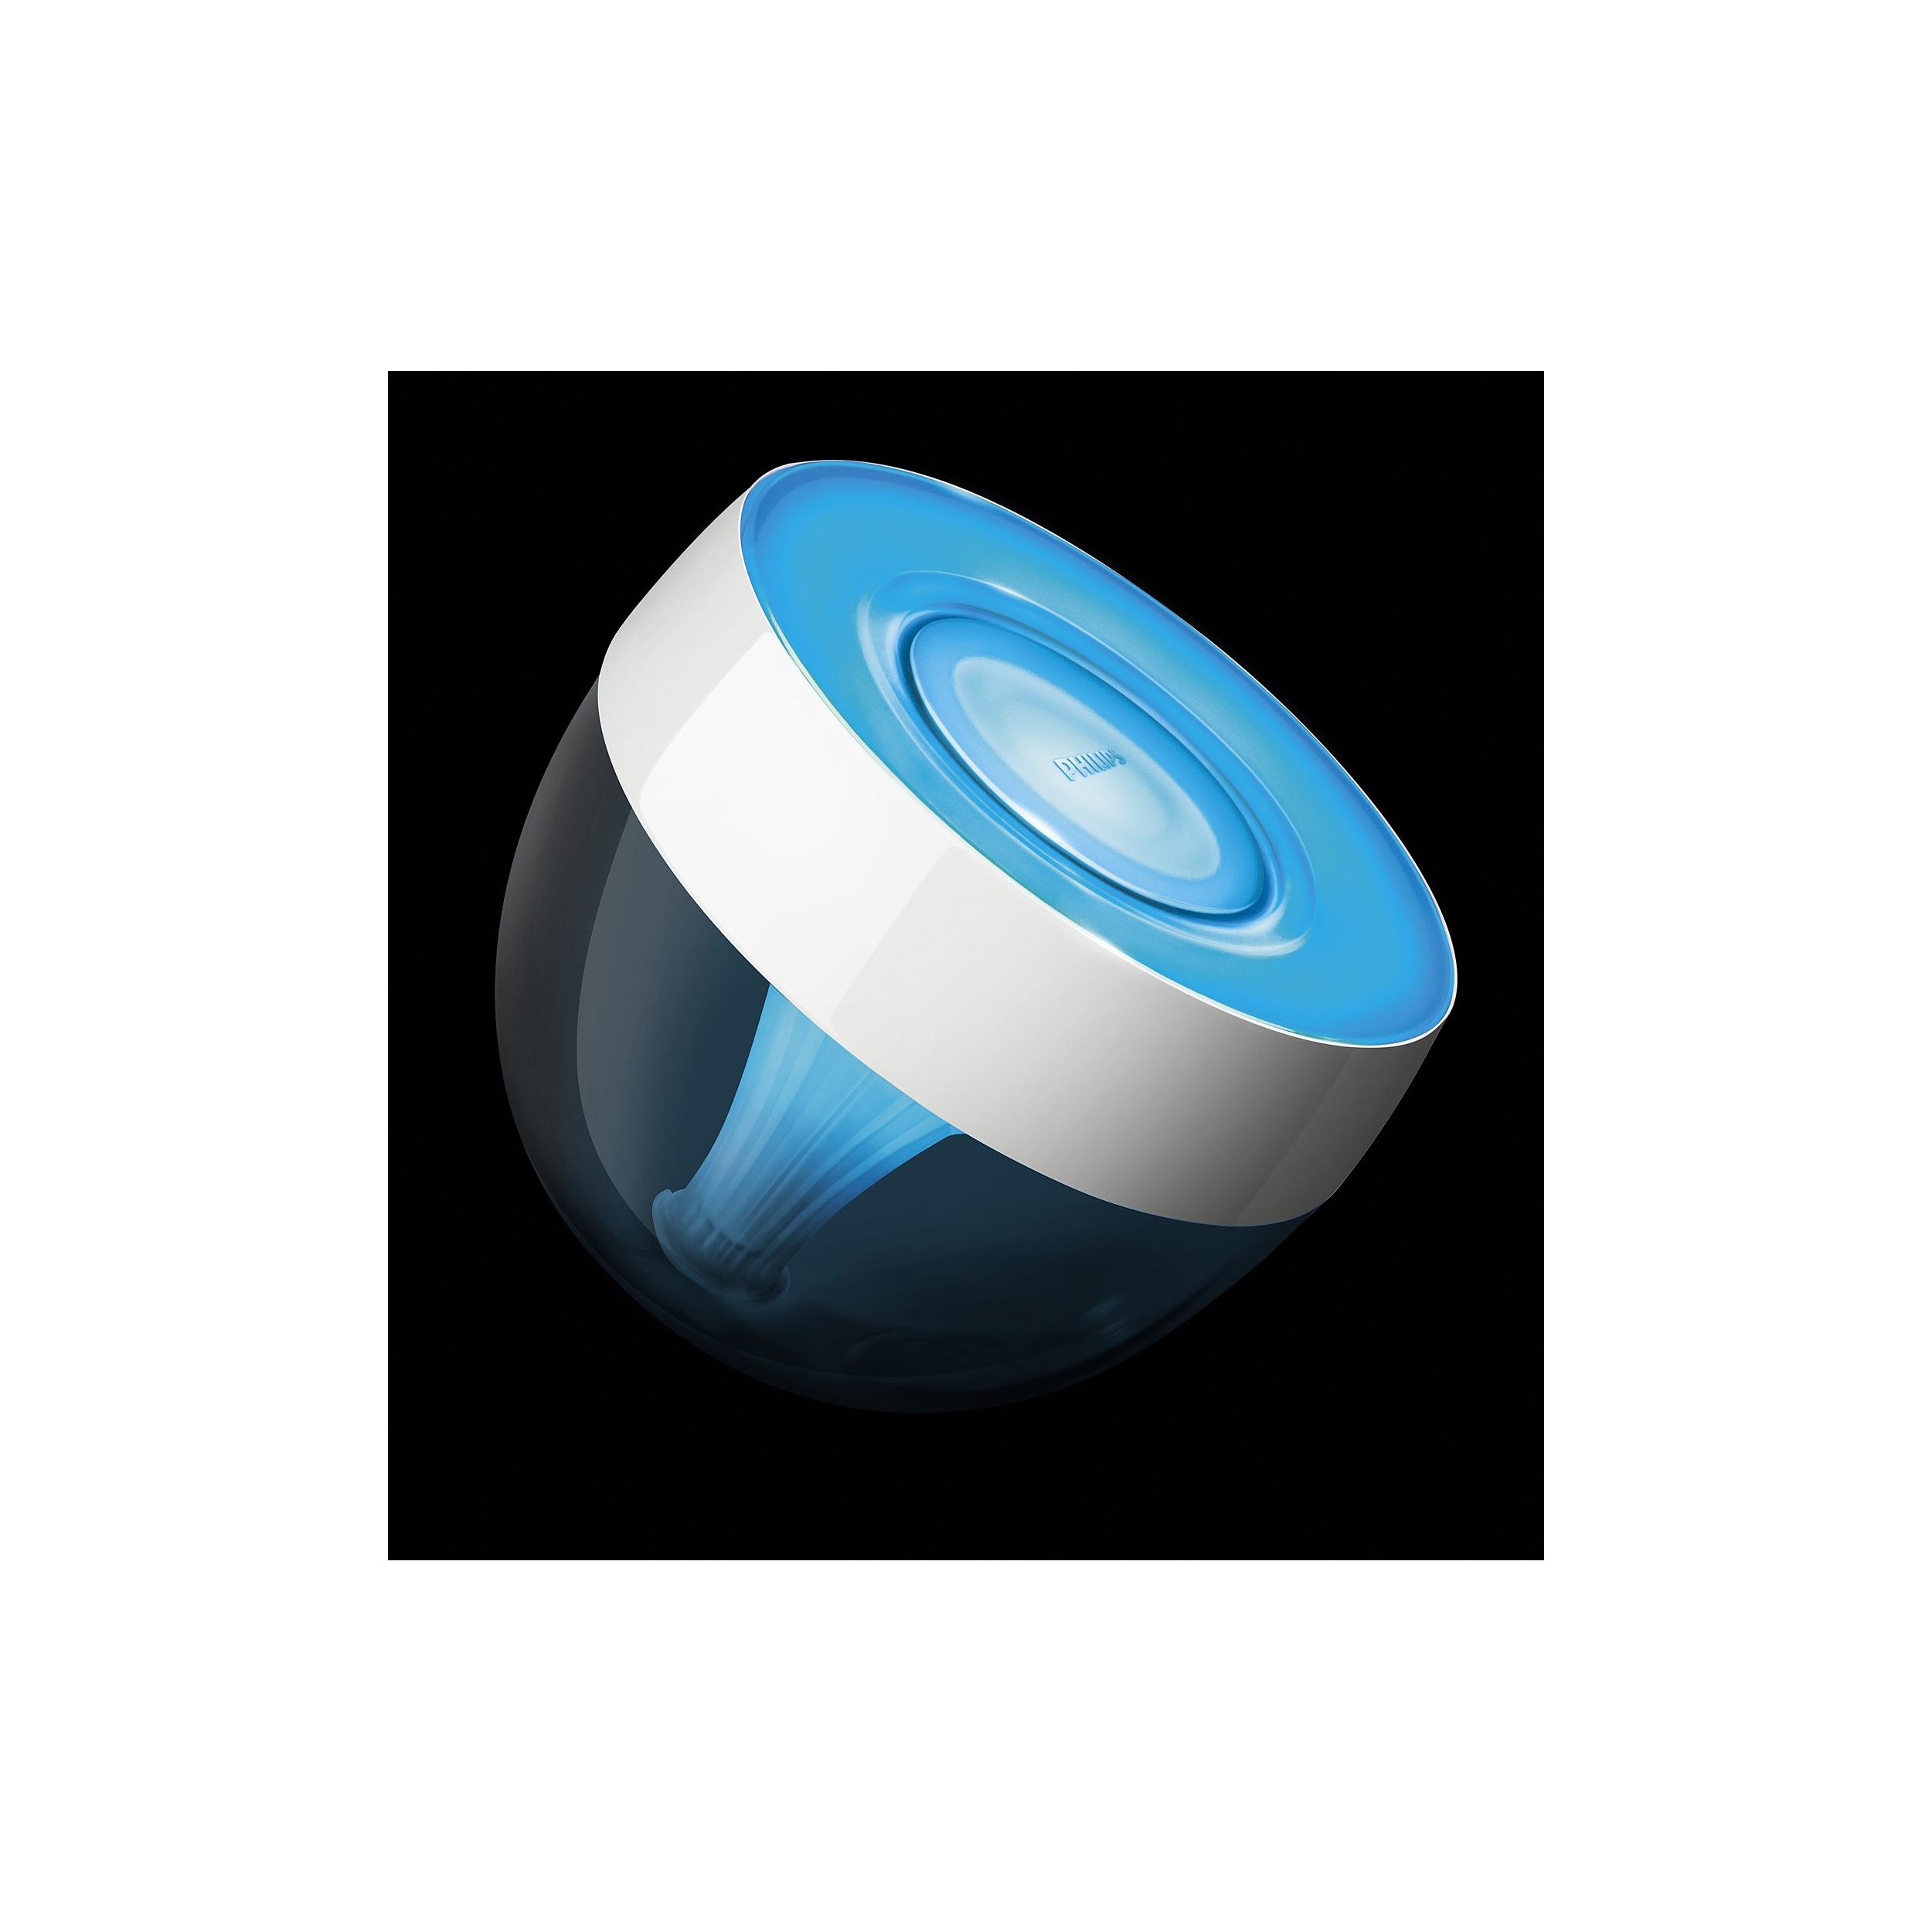 philips iris hue wifi tischleuchte innenraum kunststoff lampe licht transparent ebay. Black Bedroom Furniture Sets. Home Design Ideas